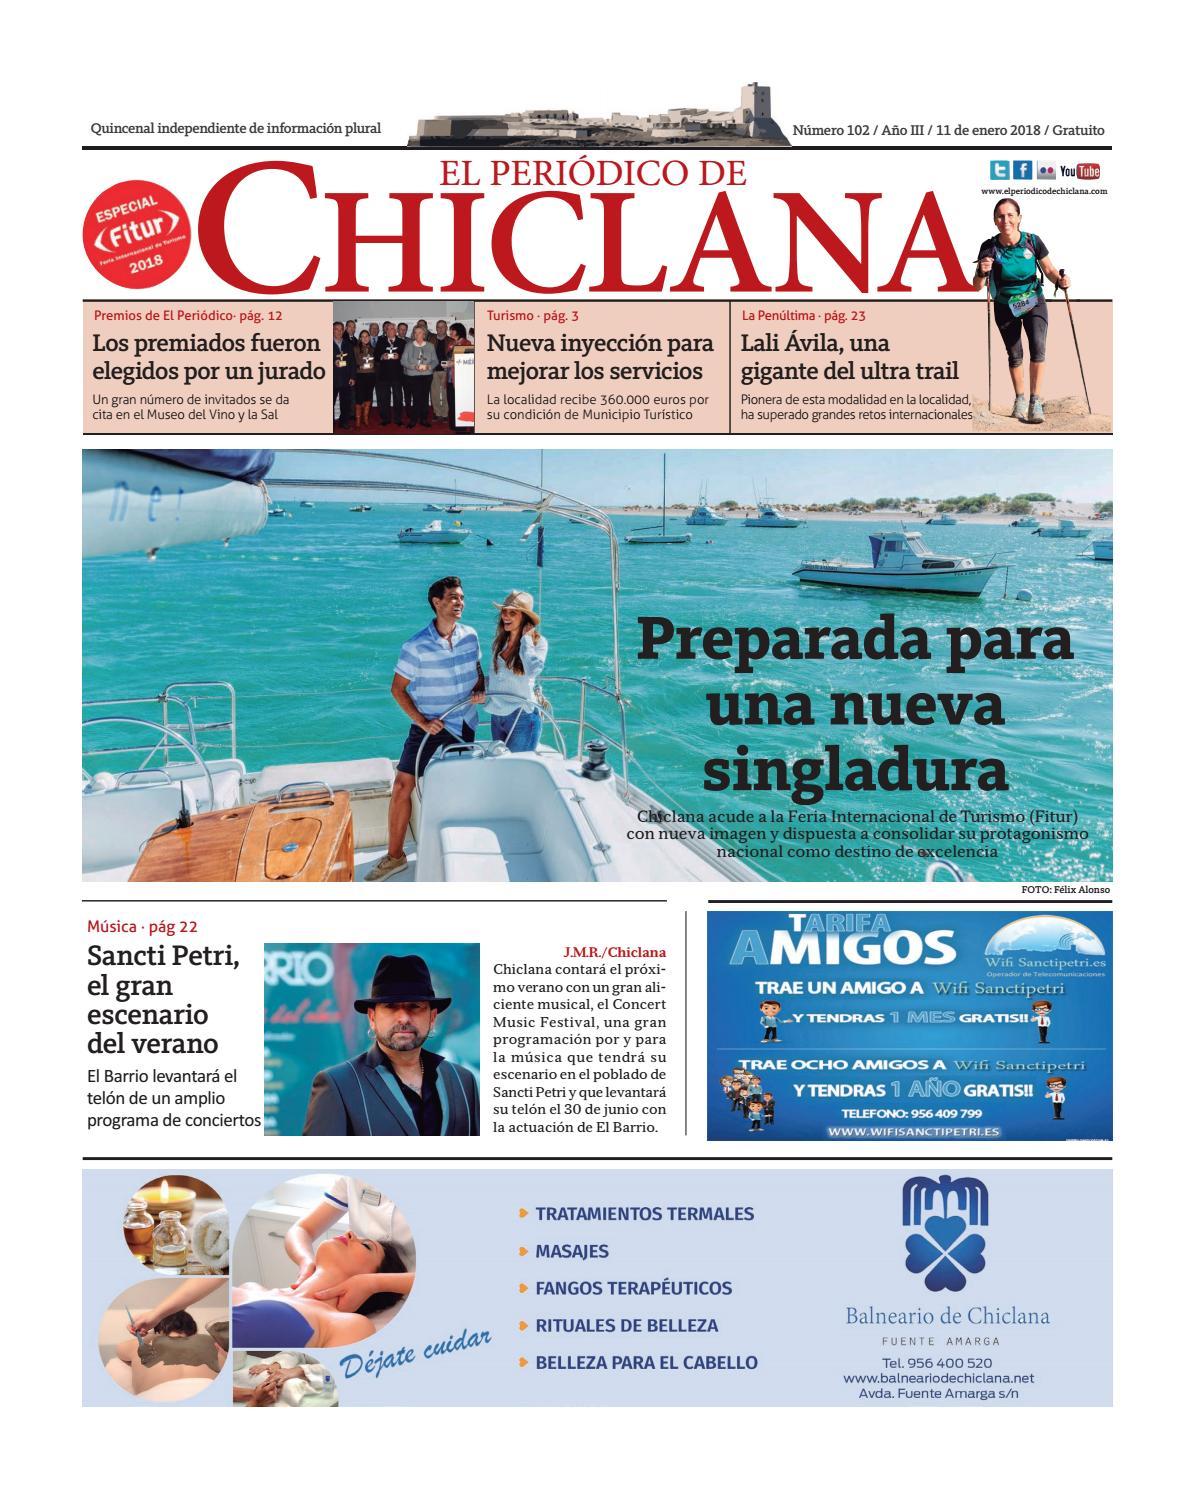 El Periódico de Chiclana nº102 by El Periódico de Chiclana - issuu 8ece50aba33b